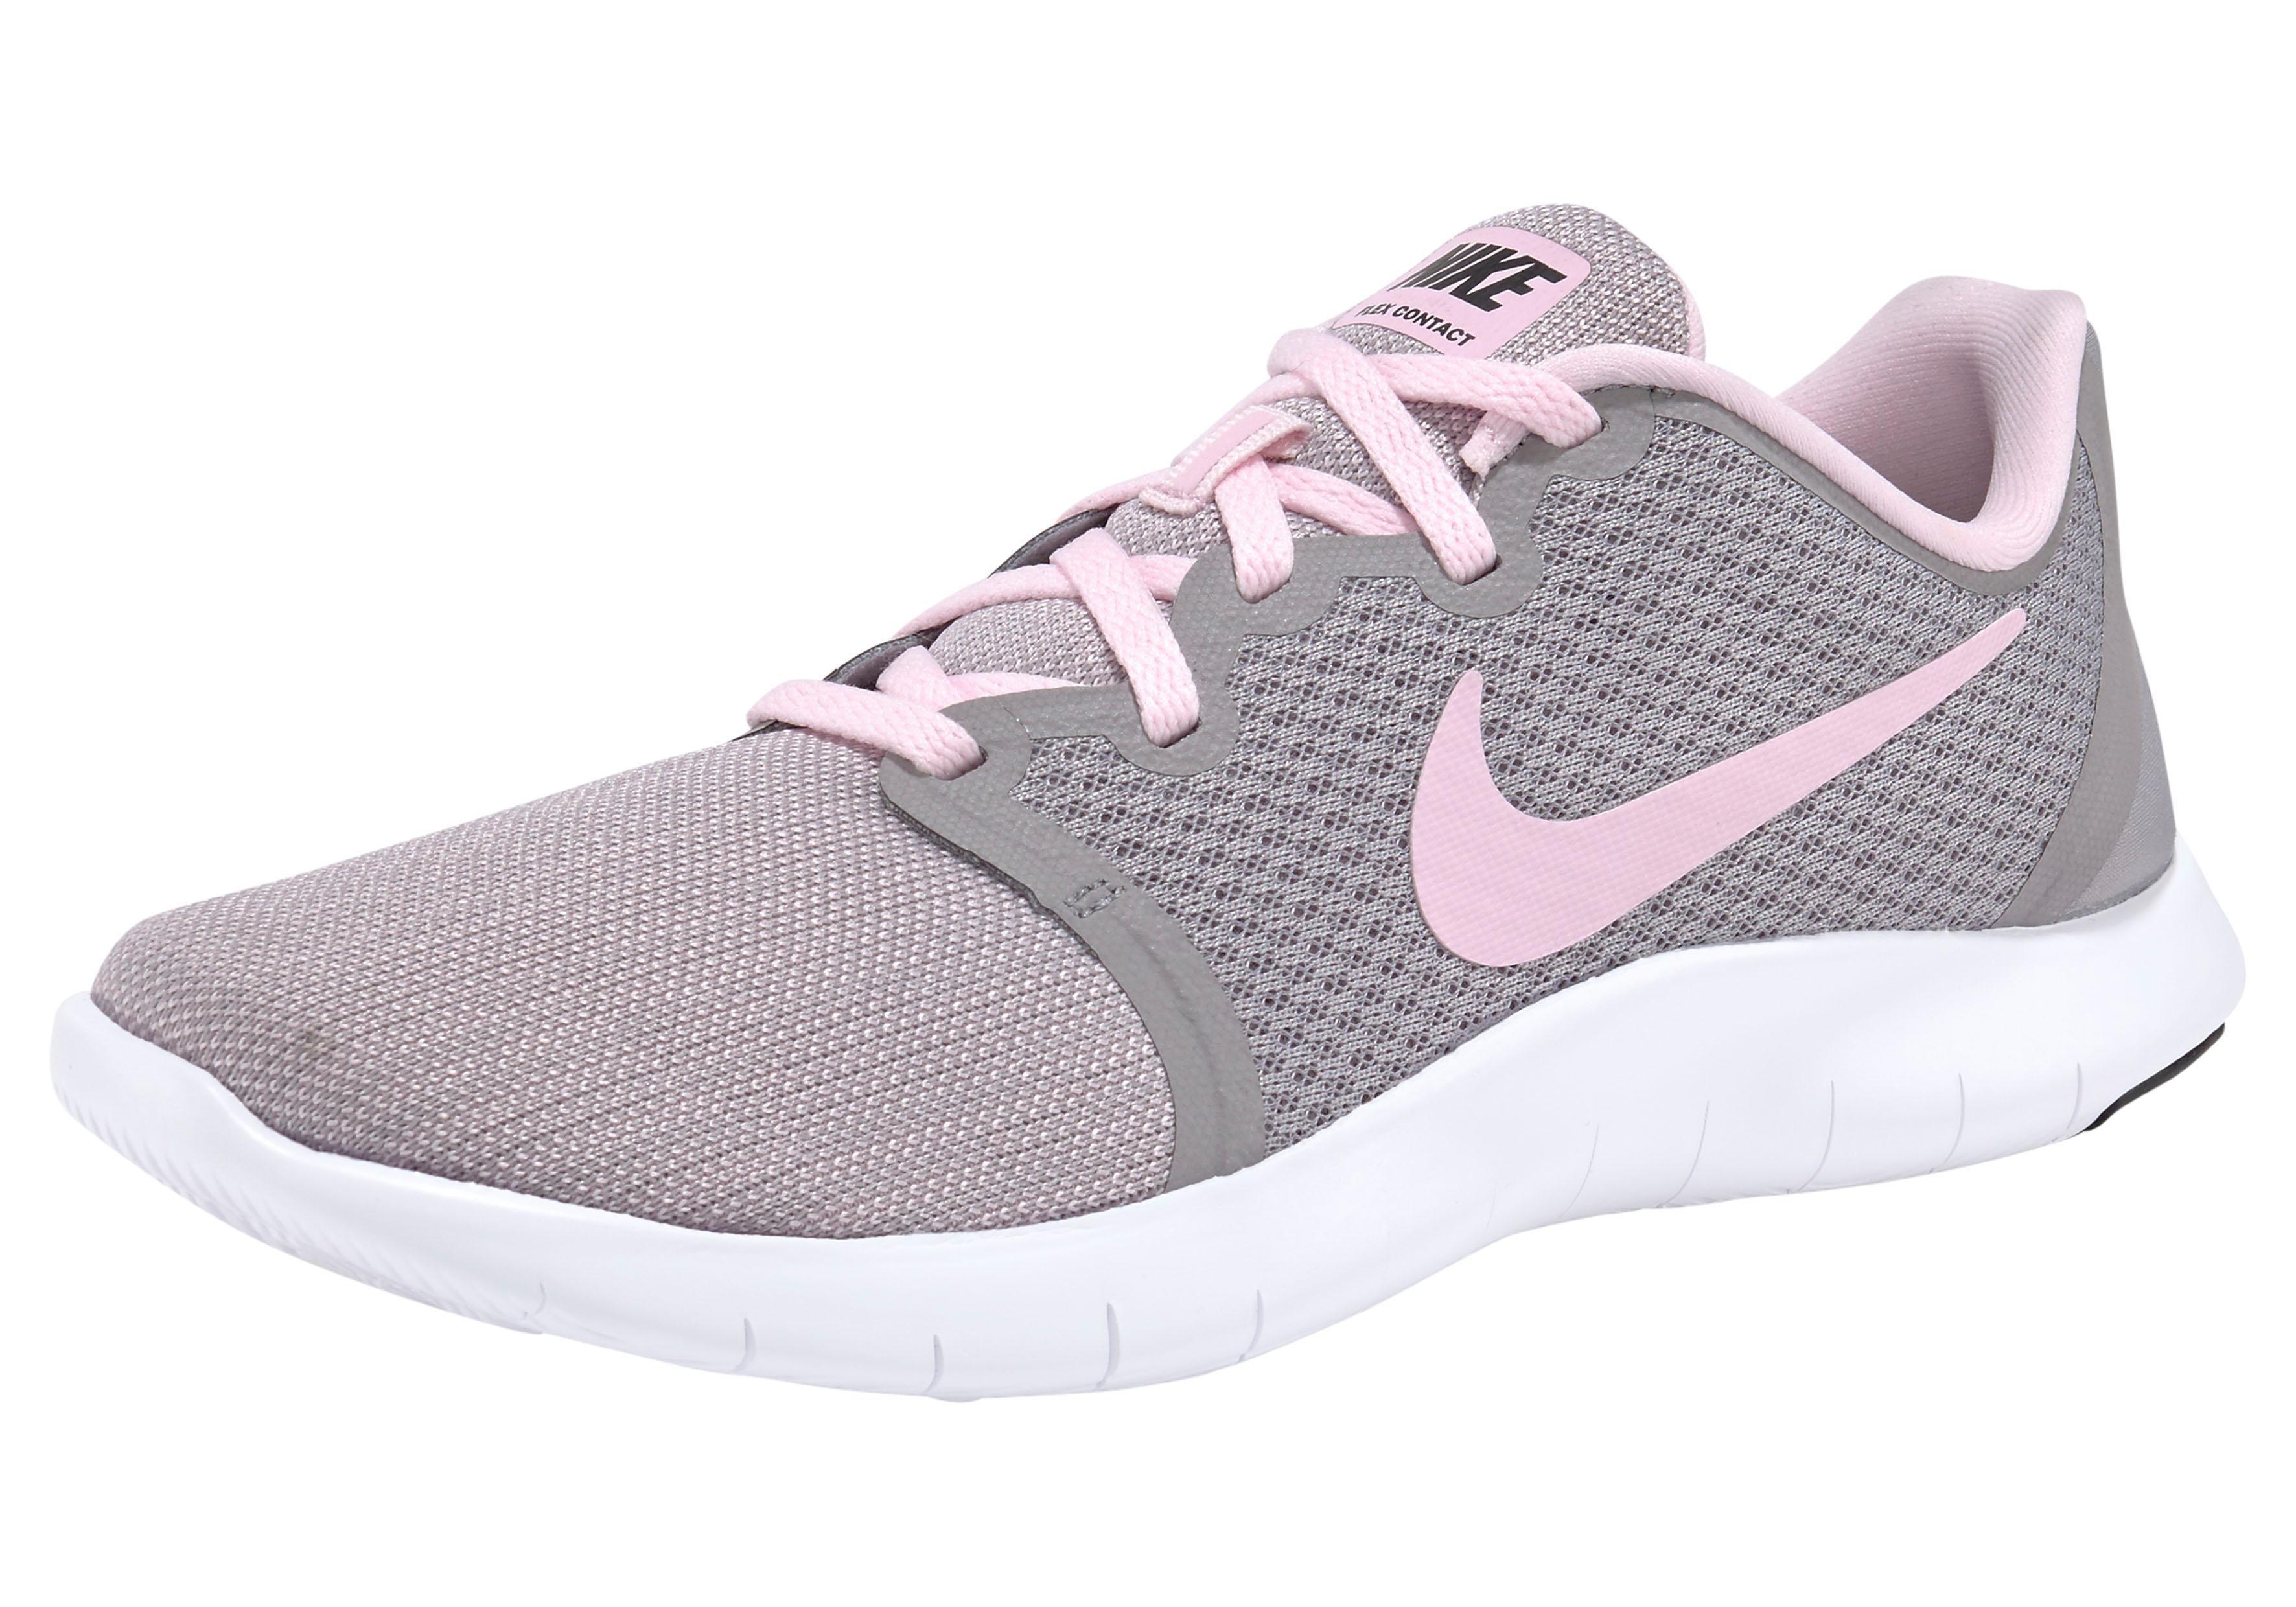 Nike runningschoenen »Wmns Flex Contact 2« - gratis ruilen op otto.nl